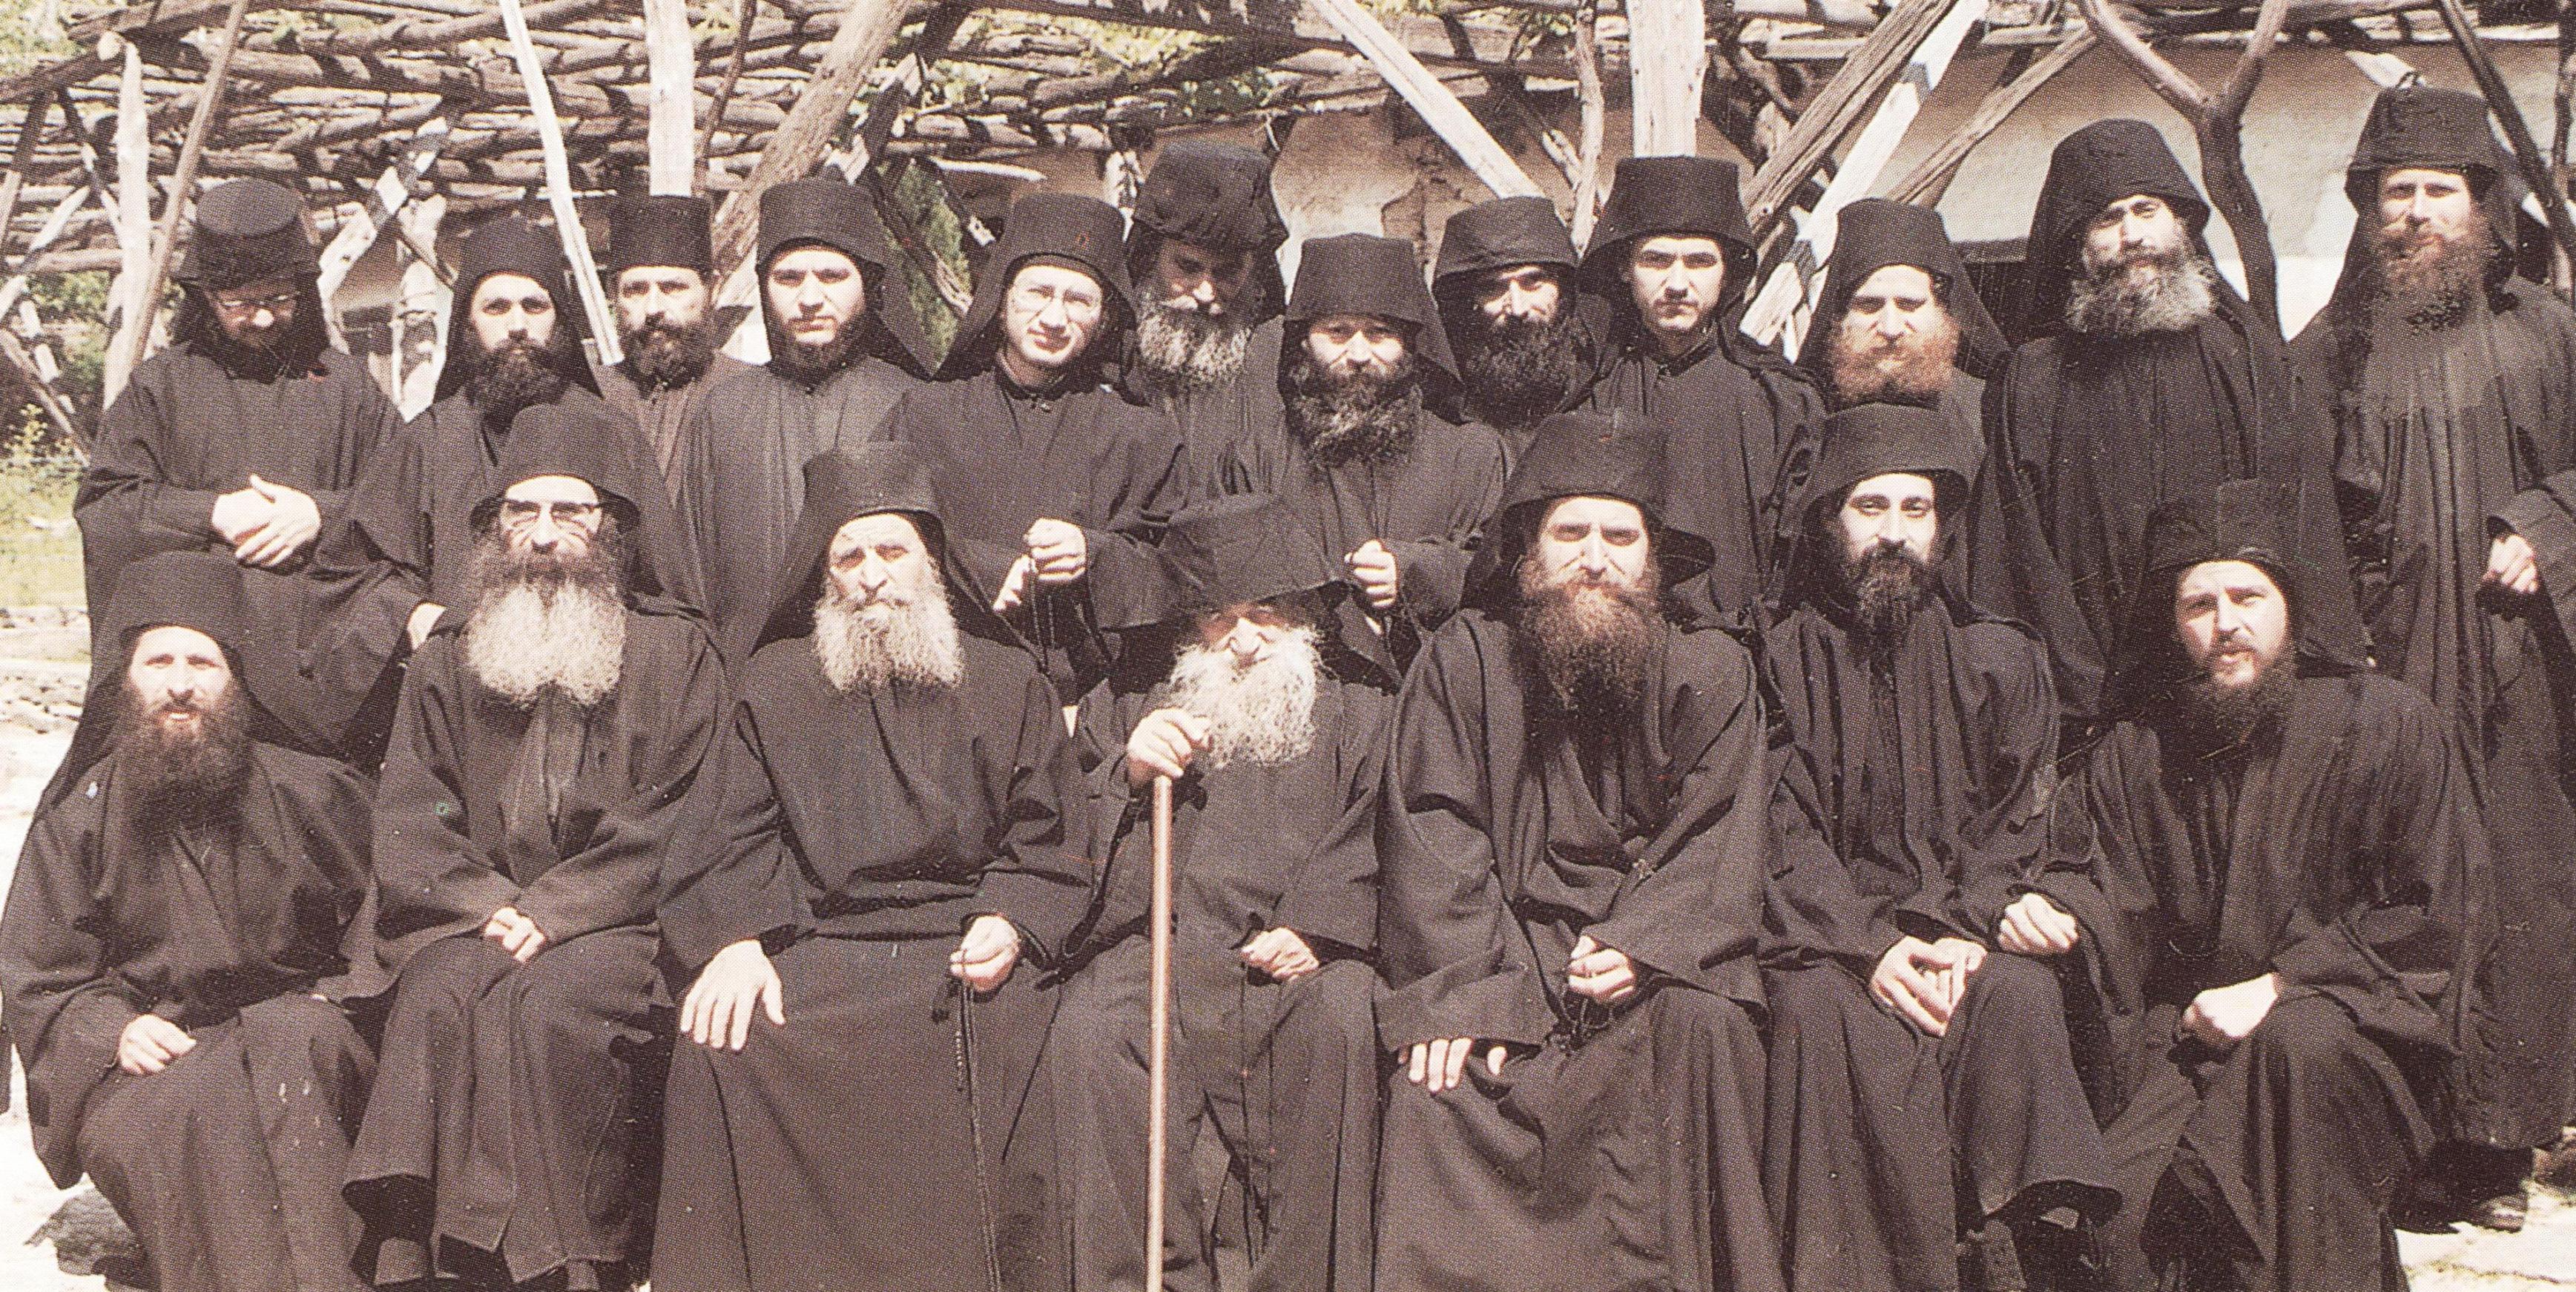 Η συνοδεία του Γέροντος Αρσενίου του Ησυχαστού στο παρά τις Καρυές, Ιερό Χιλανδαρινό Κελλίο Αγίου Νικολάου, Μπουραζέρι, κατά την περίοδο 1967-1979.